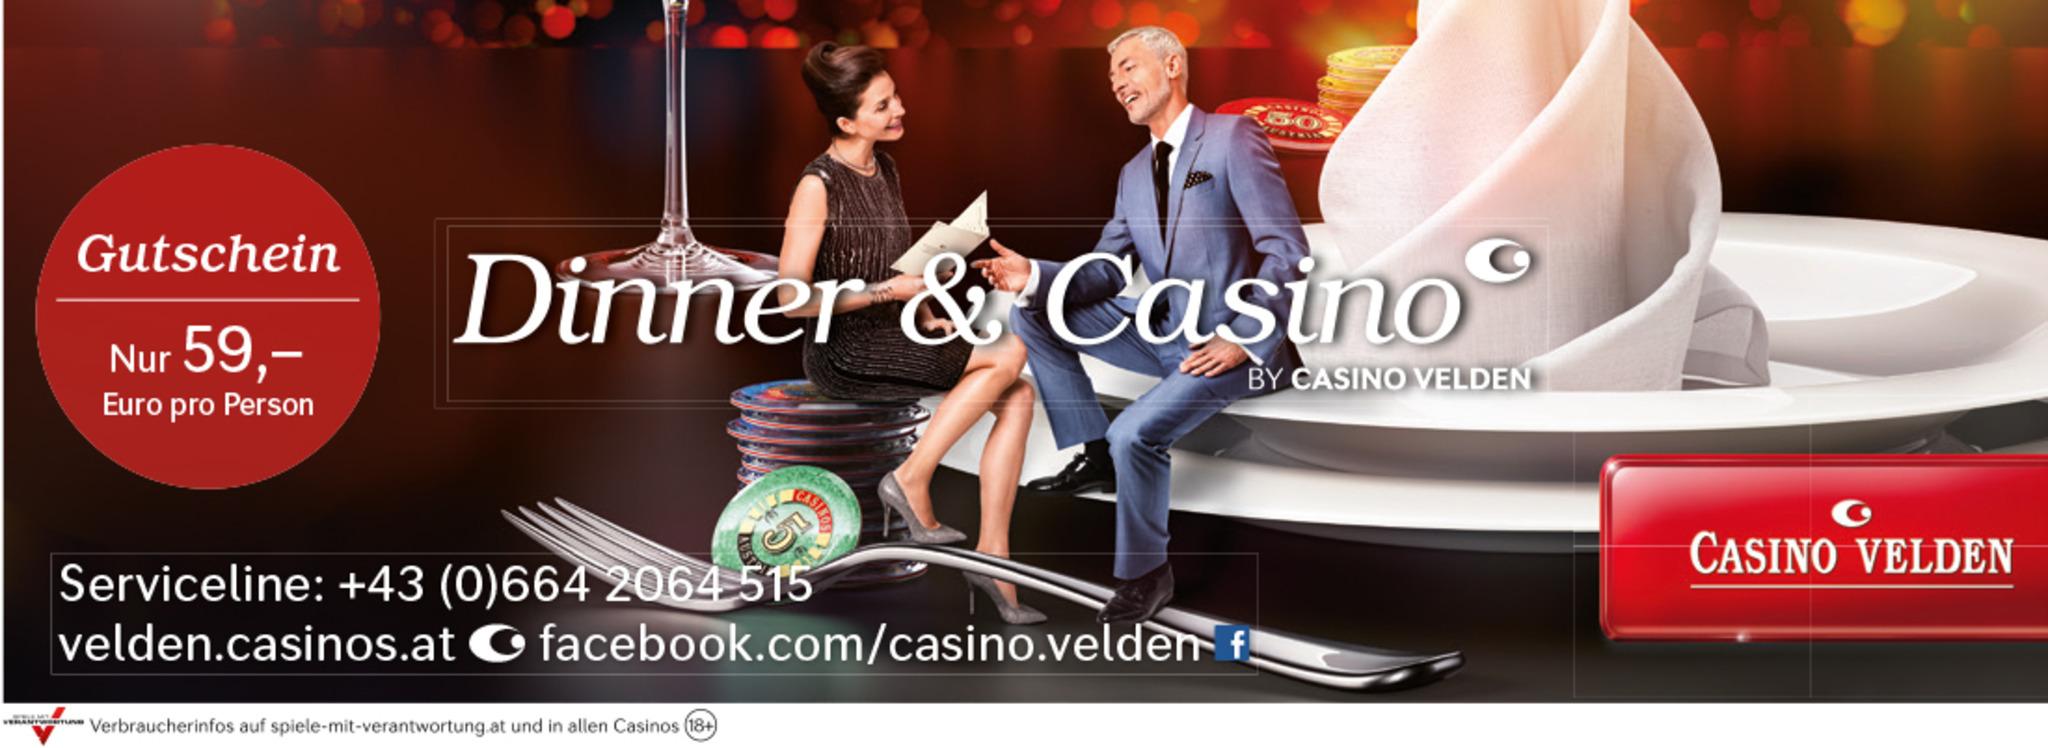 Dinner Und Casino MenГј